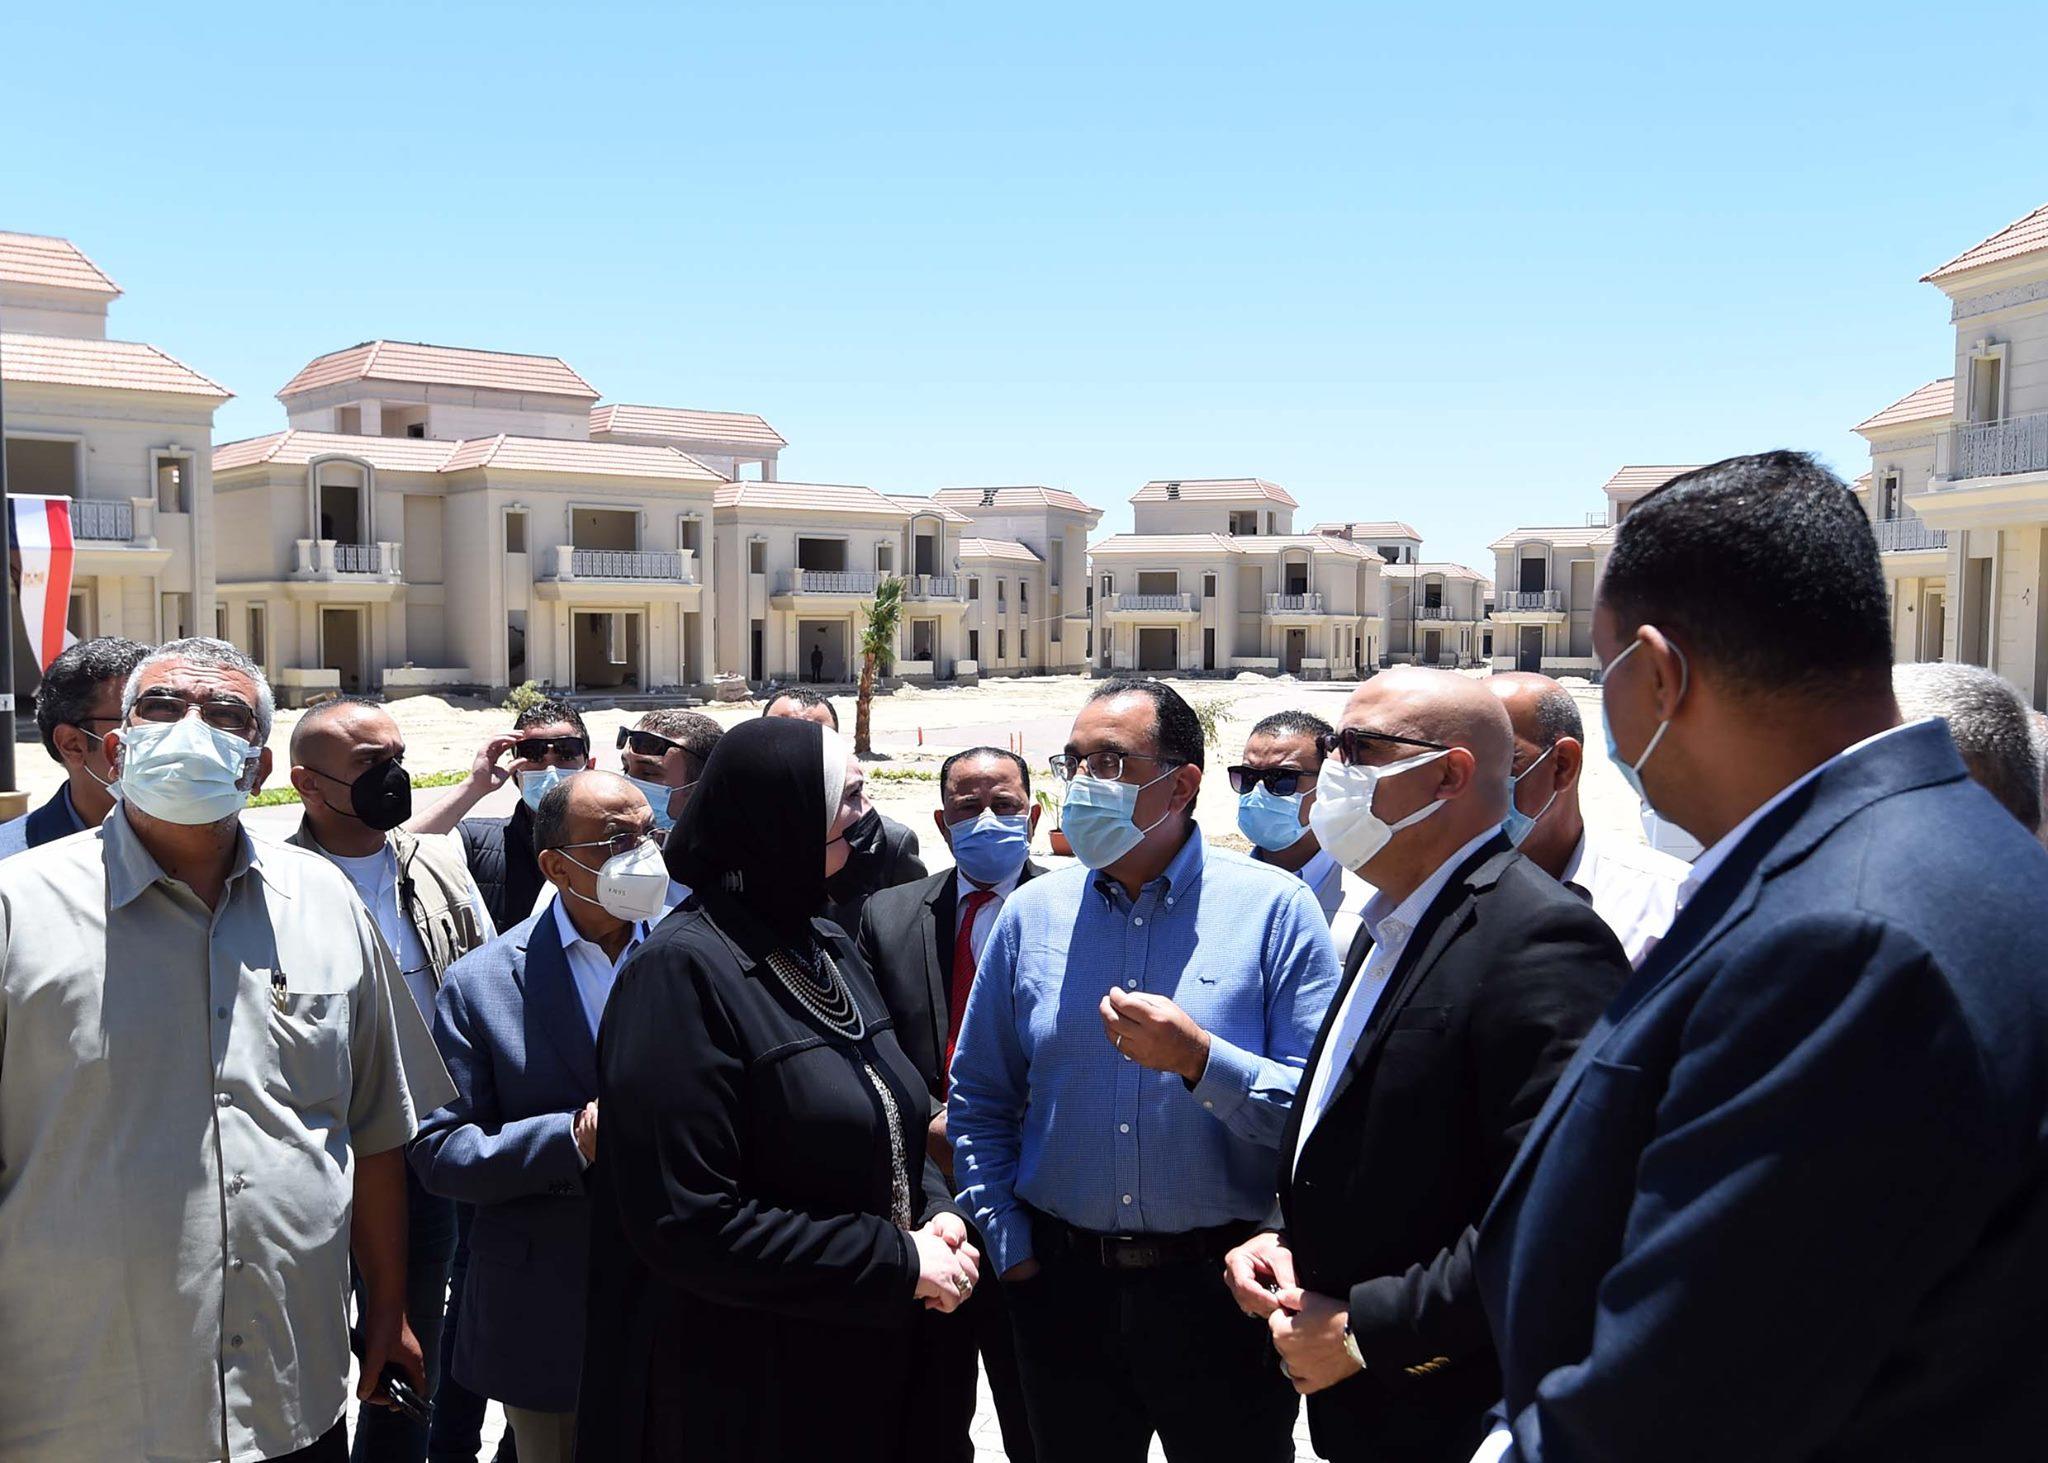 رئيس الوزراء يزور مشروع الإسكان الساحلي